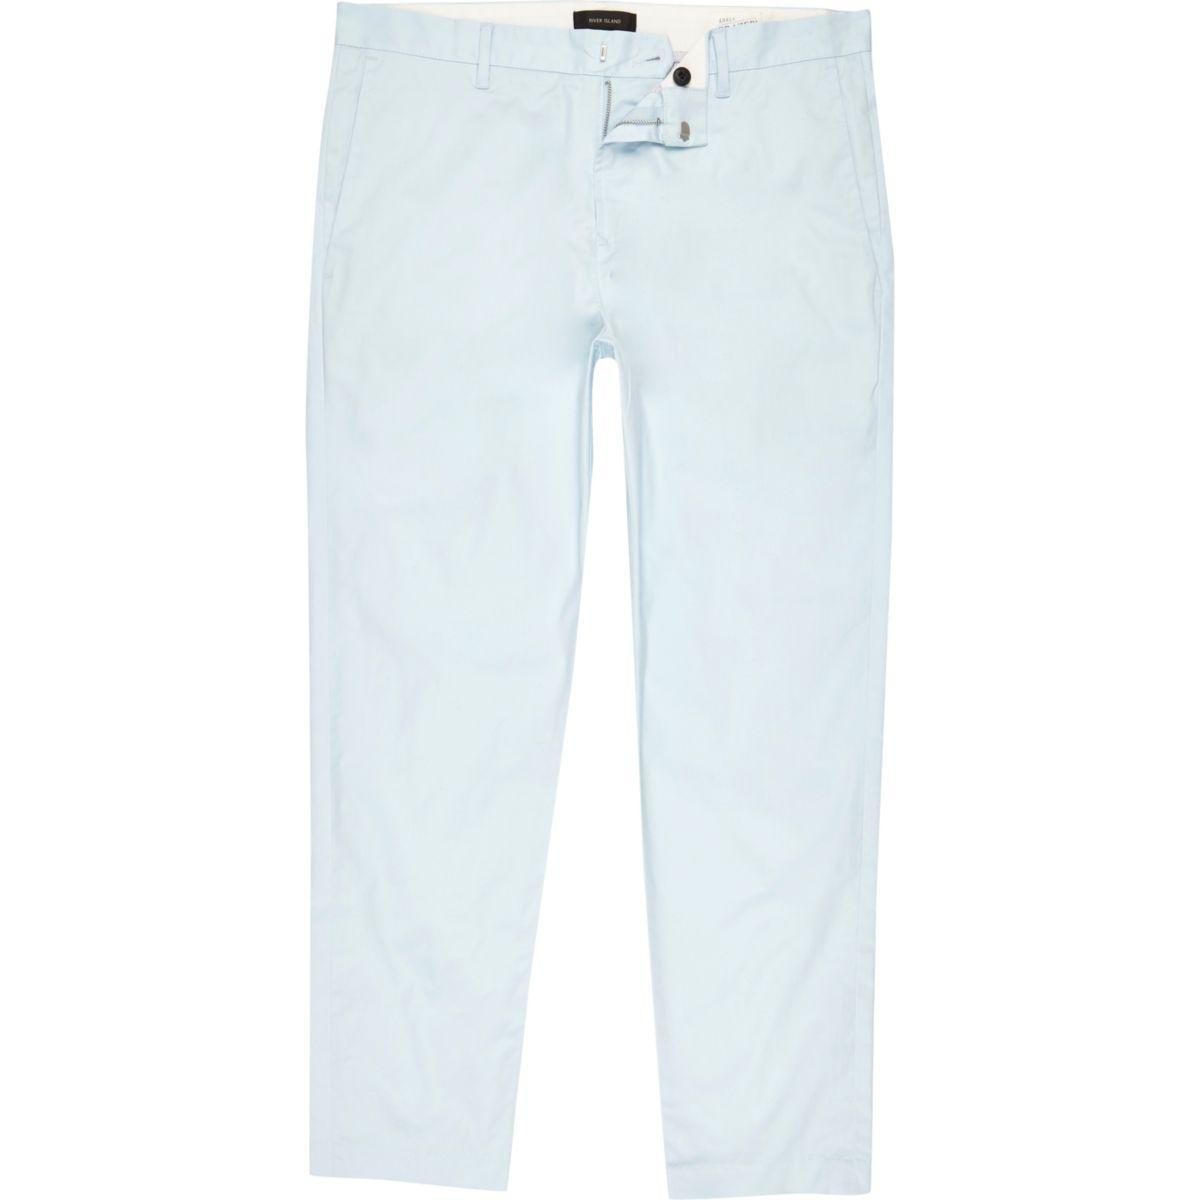 pantalon chino slim bleu clair longueur cheville pantalons soldes homme. Black Bedroom Furniture Sets. Home Design Ideas